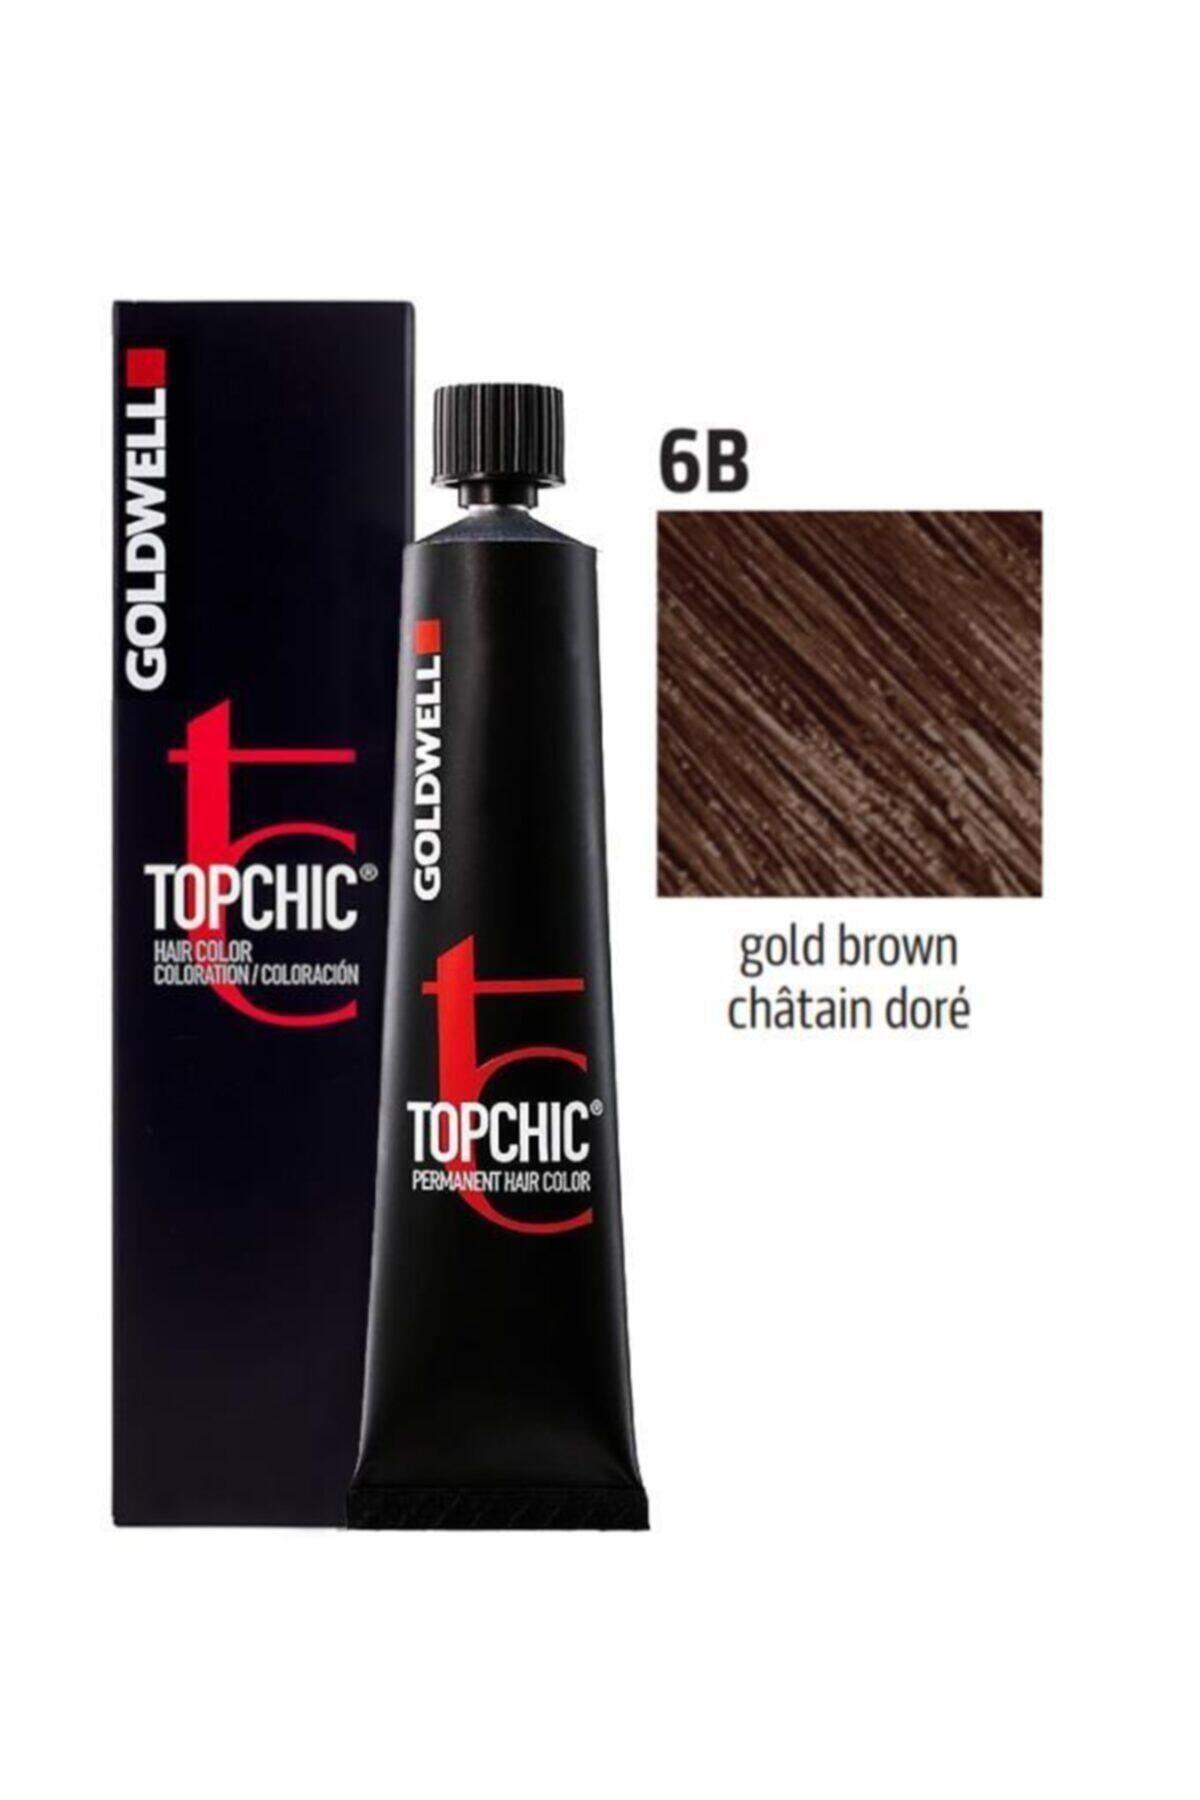 GOLDWELL Topchic Kalıcı Saç Boyası 60 Ml 6b Altın Kahve Ve Oksidan 1